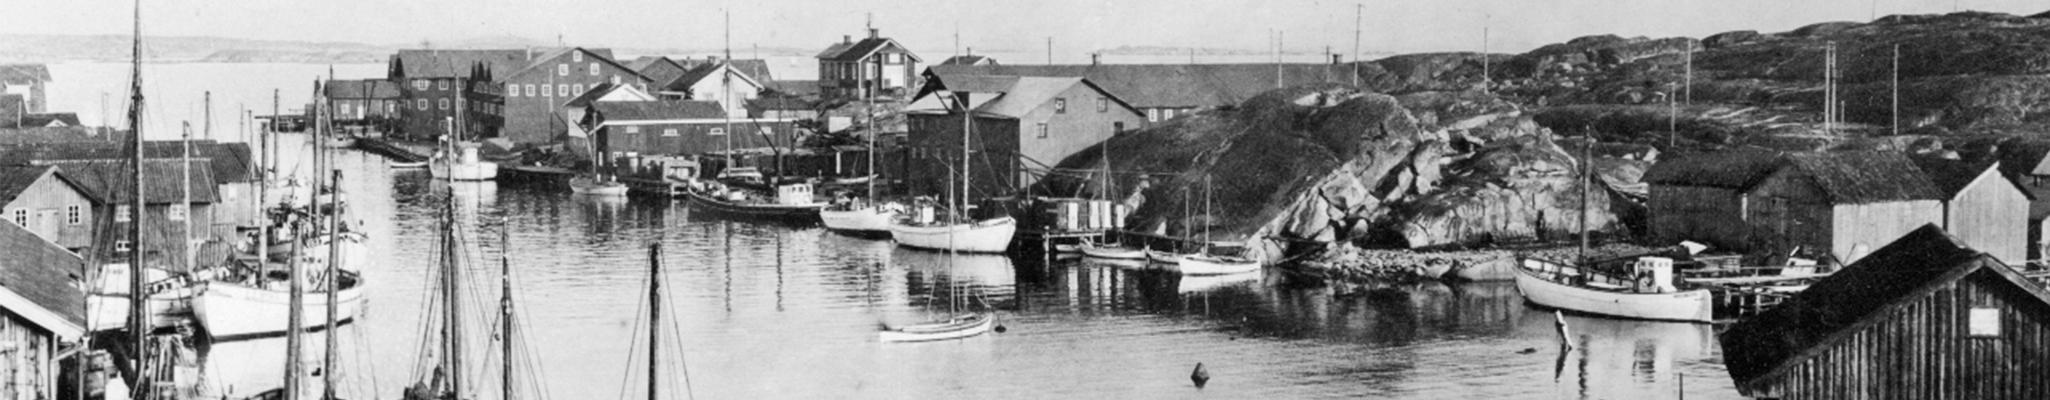 historisk bild över Smögen och Smögens båthamn